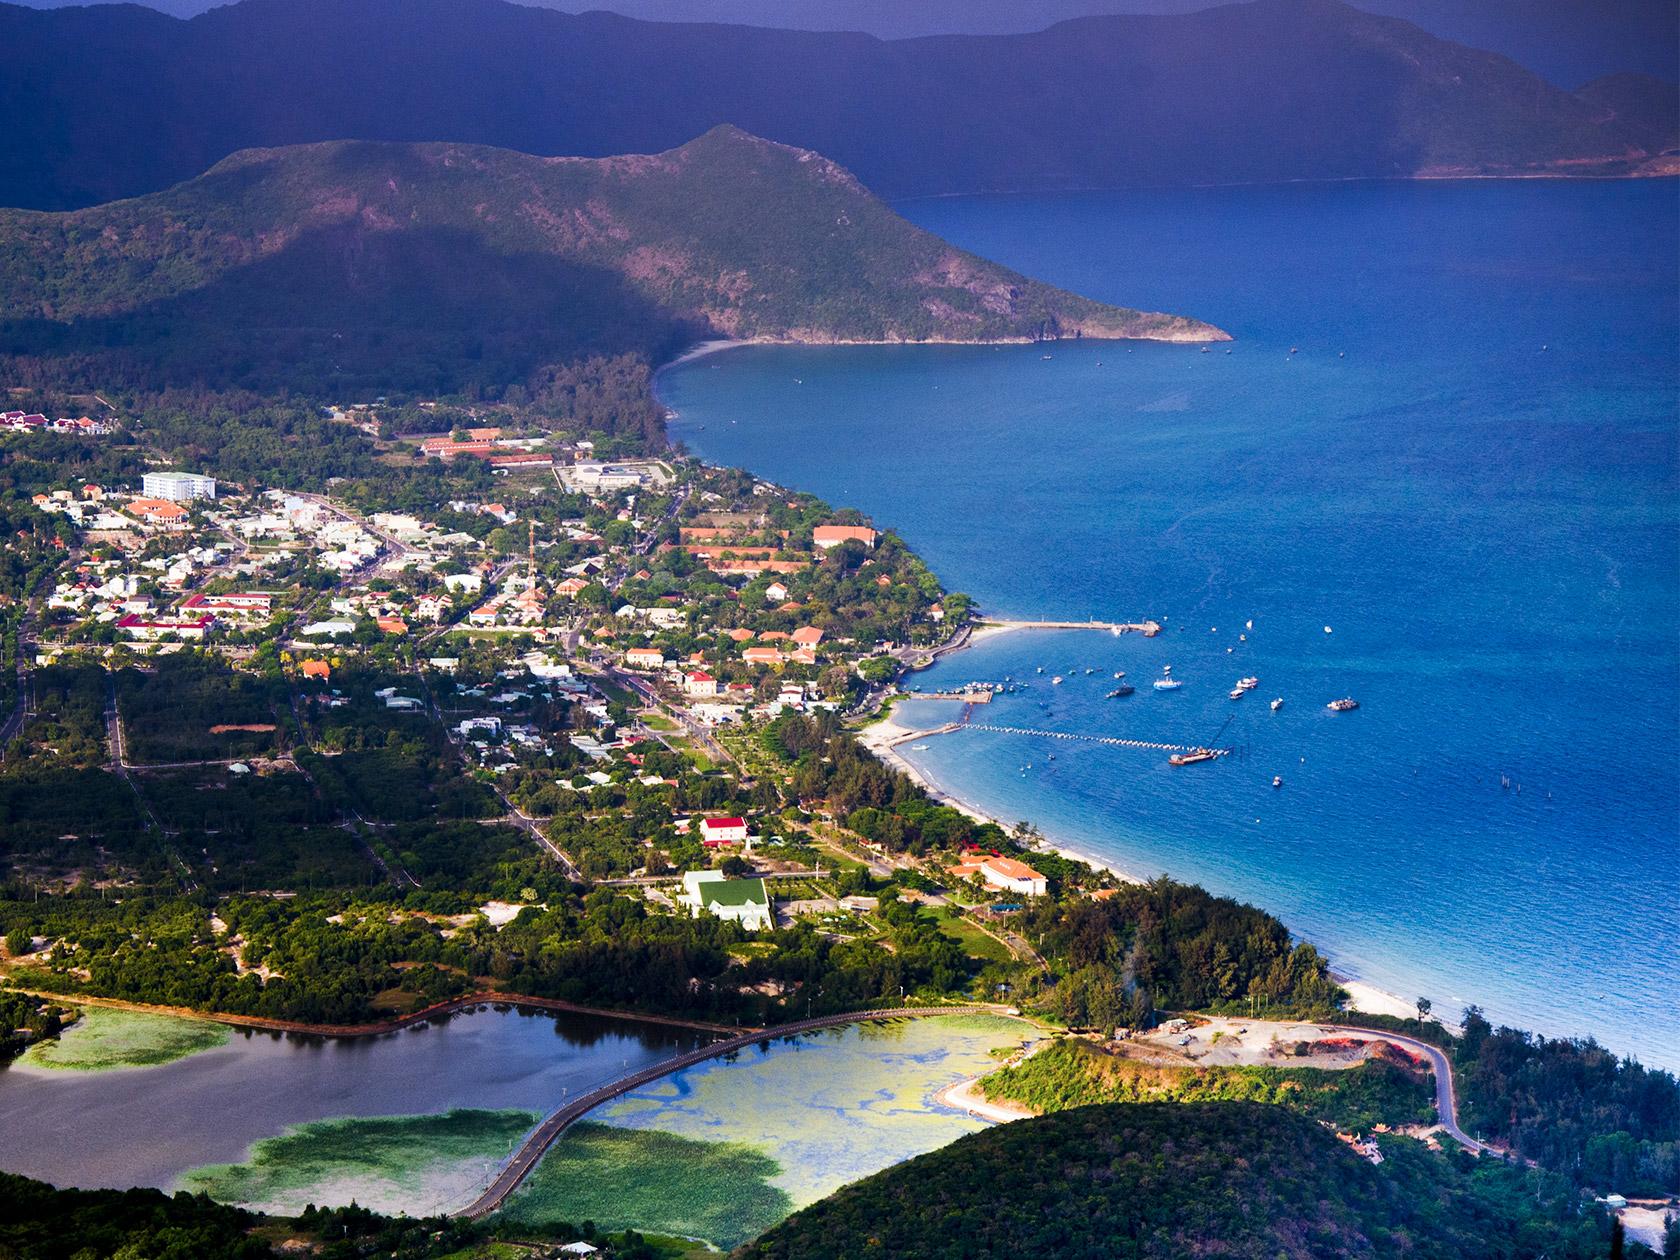 Viettel Cargo chuyển phát nhanh đến mọi nơi ở Côn Đảo